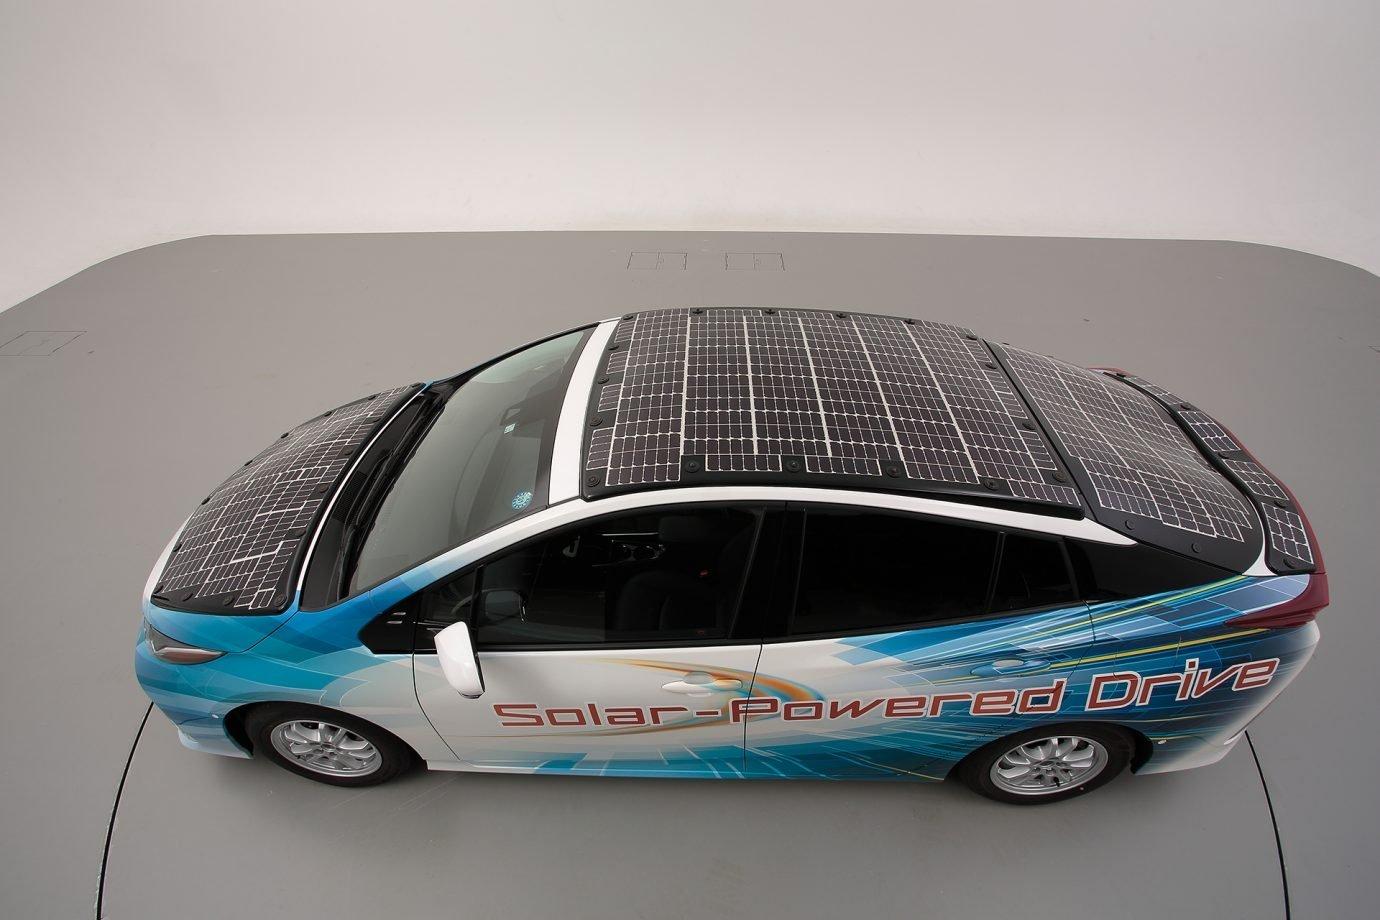 Novo modelo do Prius, da Toyota, com painéis solares